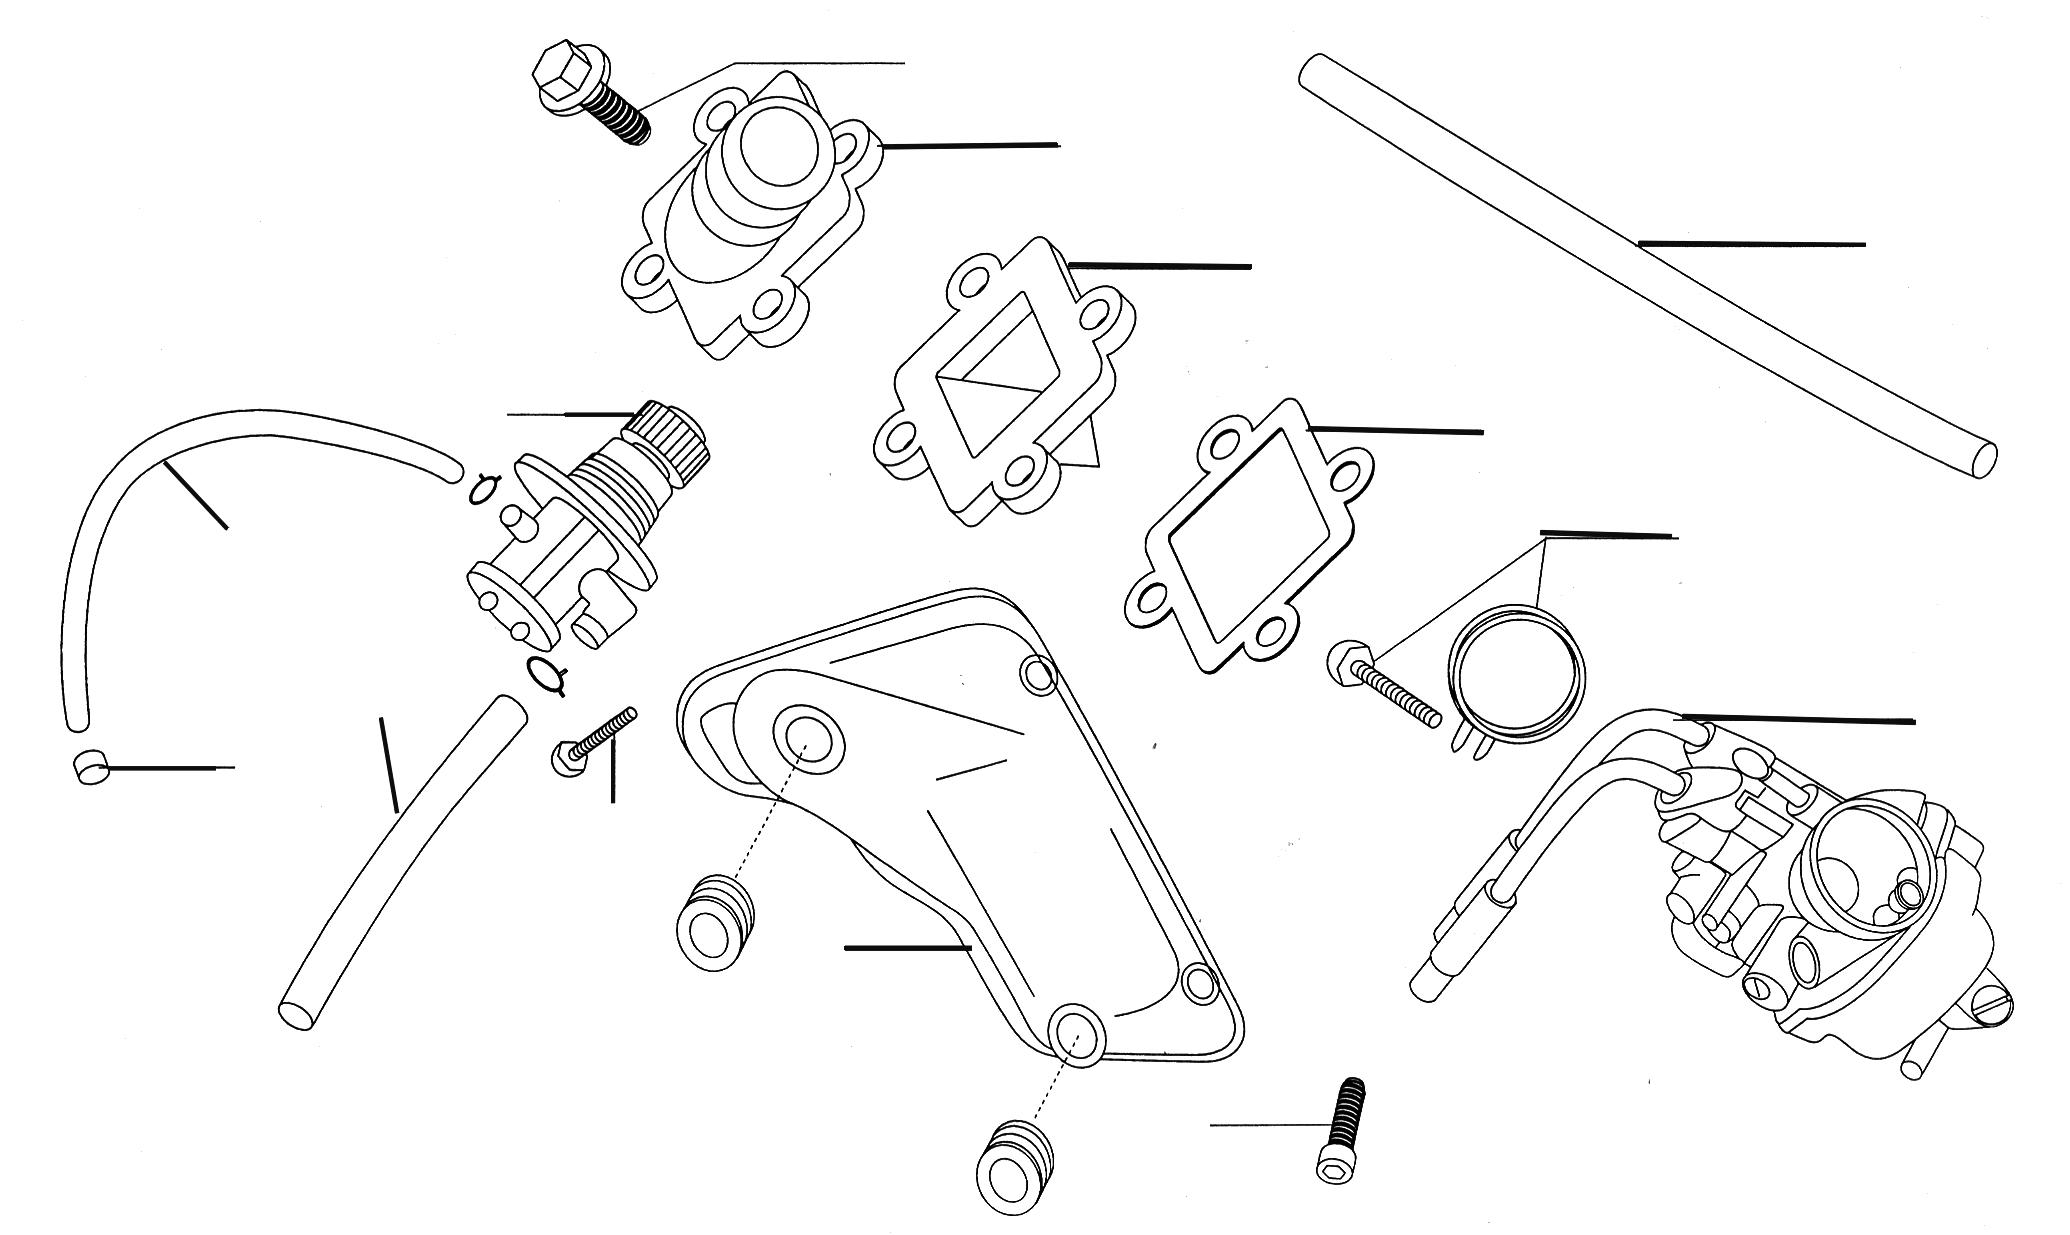 Ölpumpe, Vergaser, Einlasslamelle